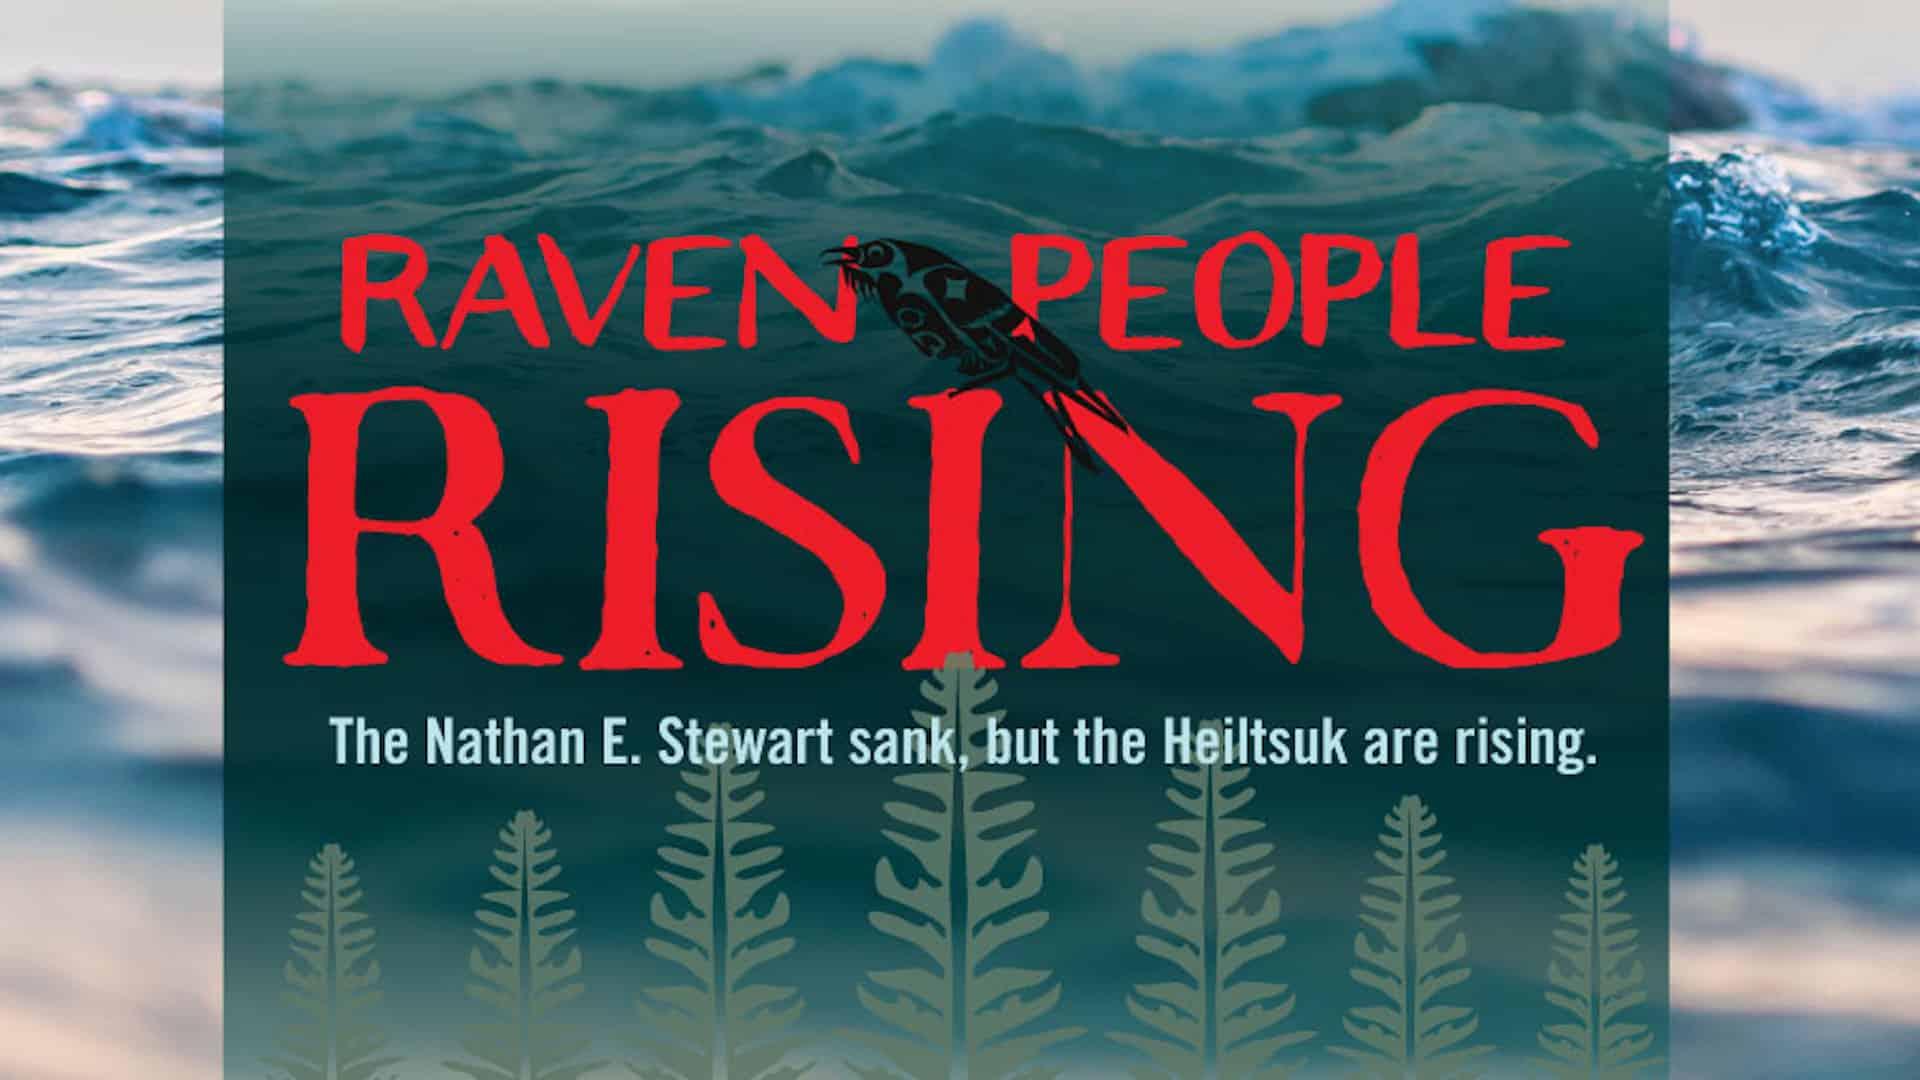 Raven People Rising